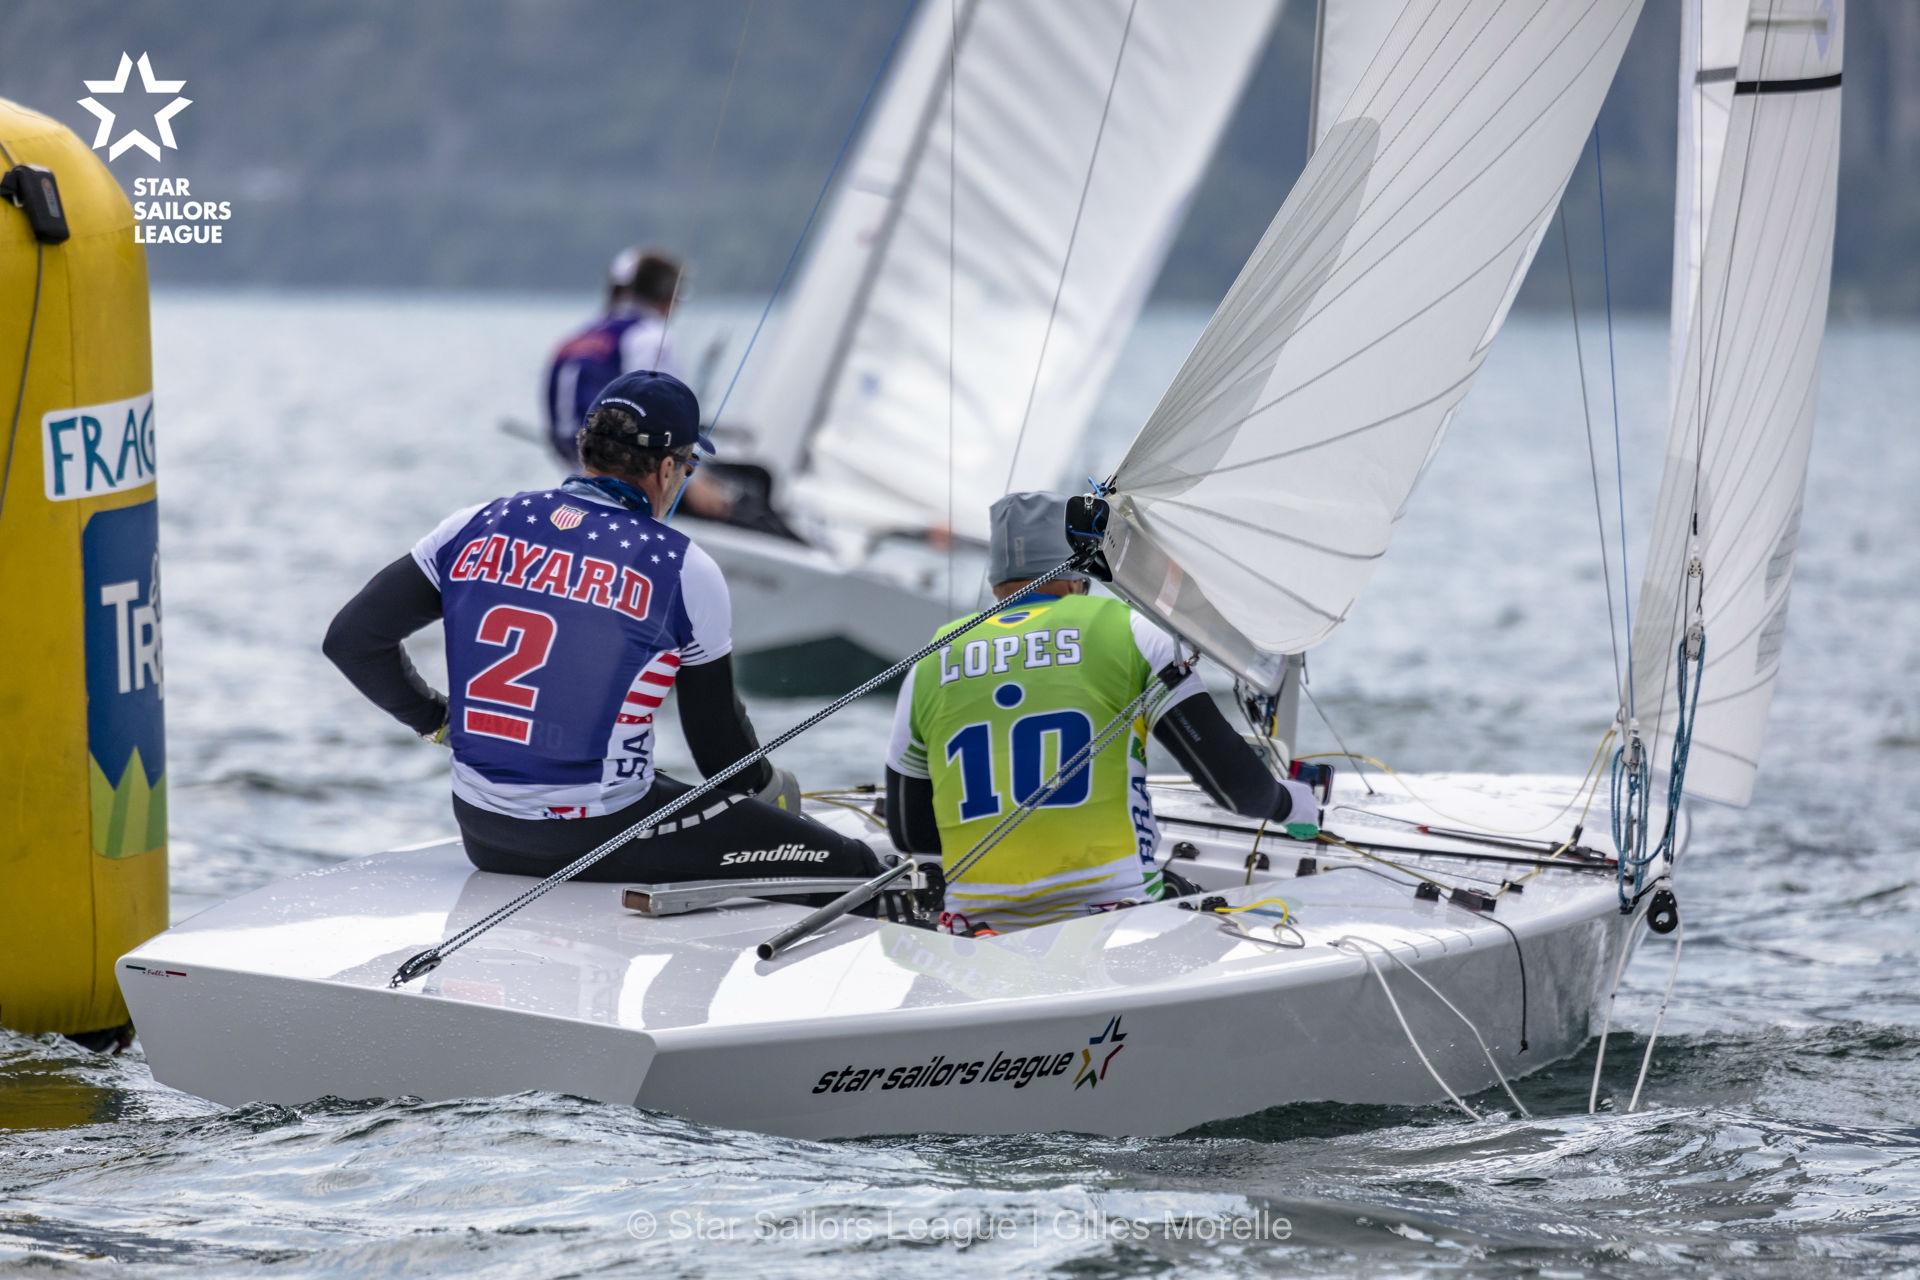 Três brasileiros perto das finais no Europeu da Star Sailors League na Itália